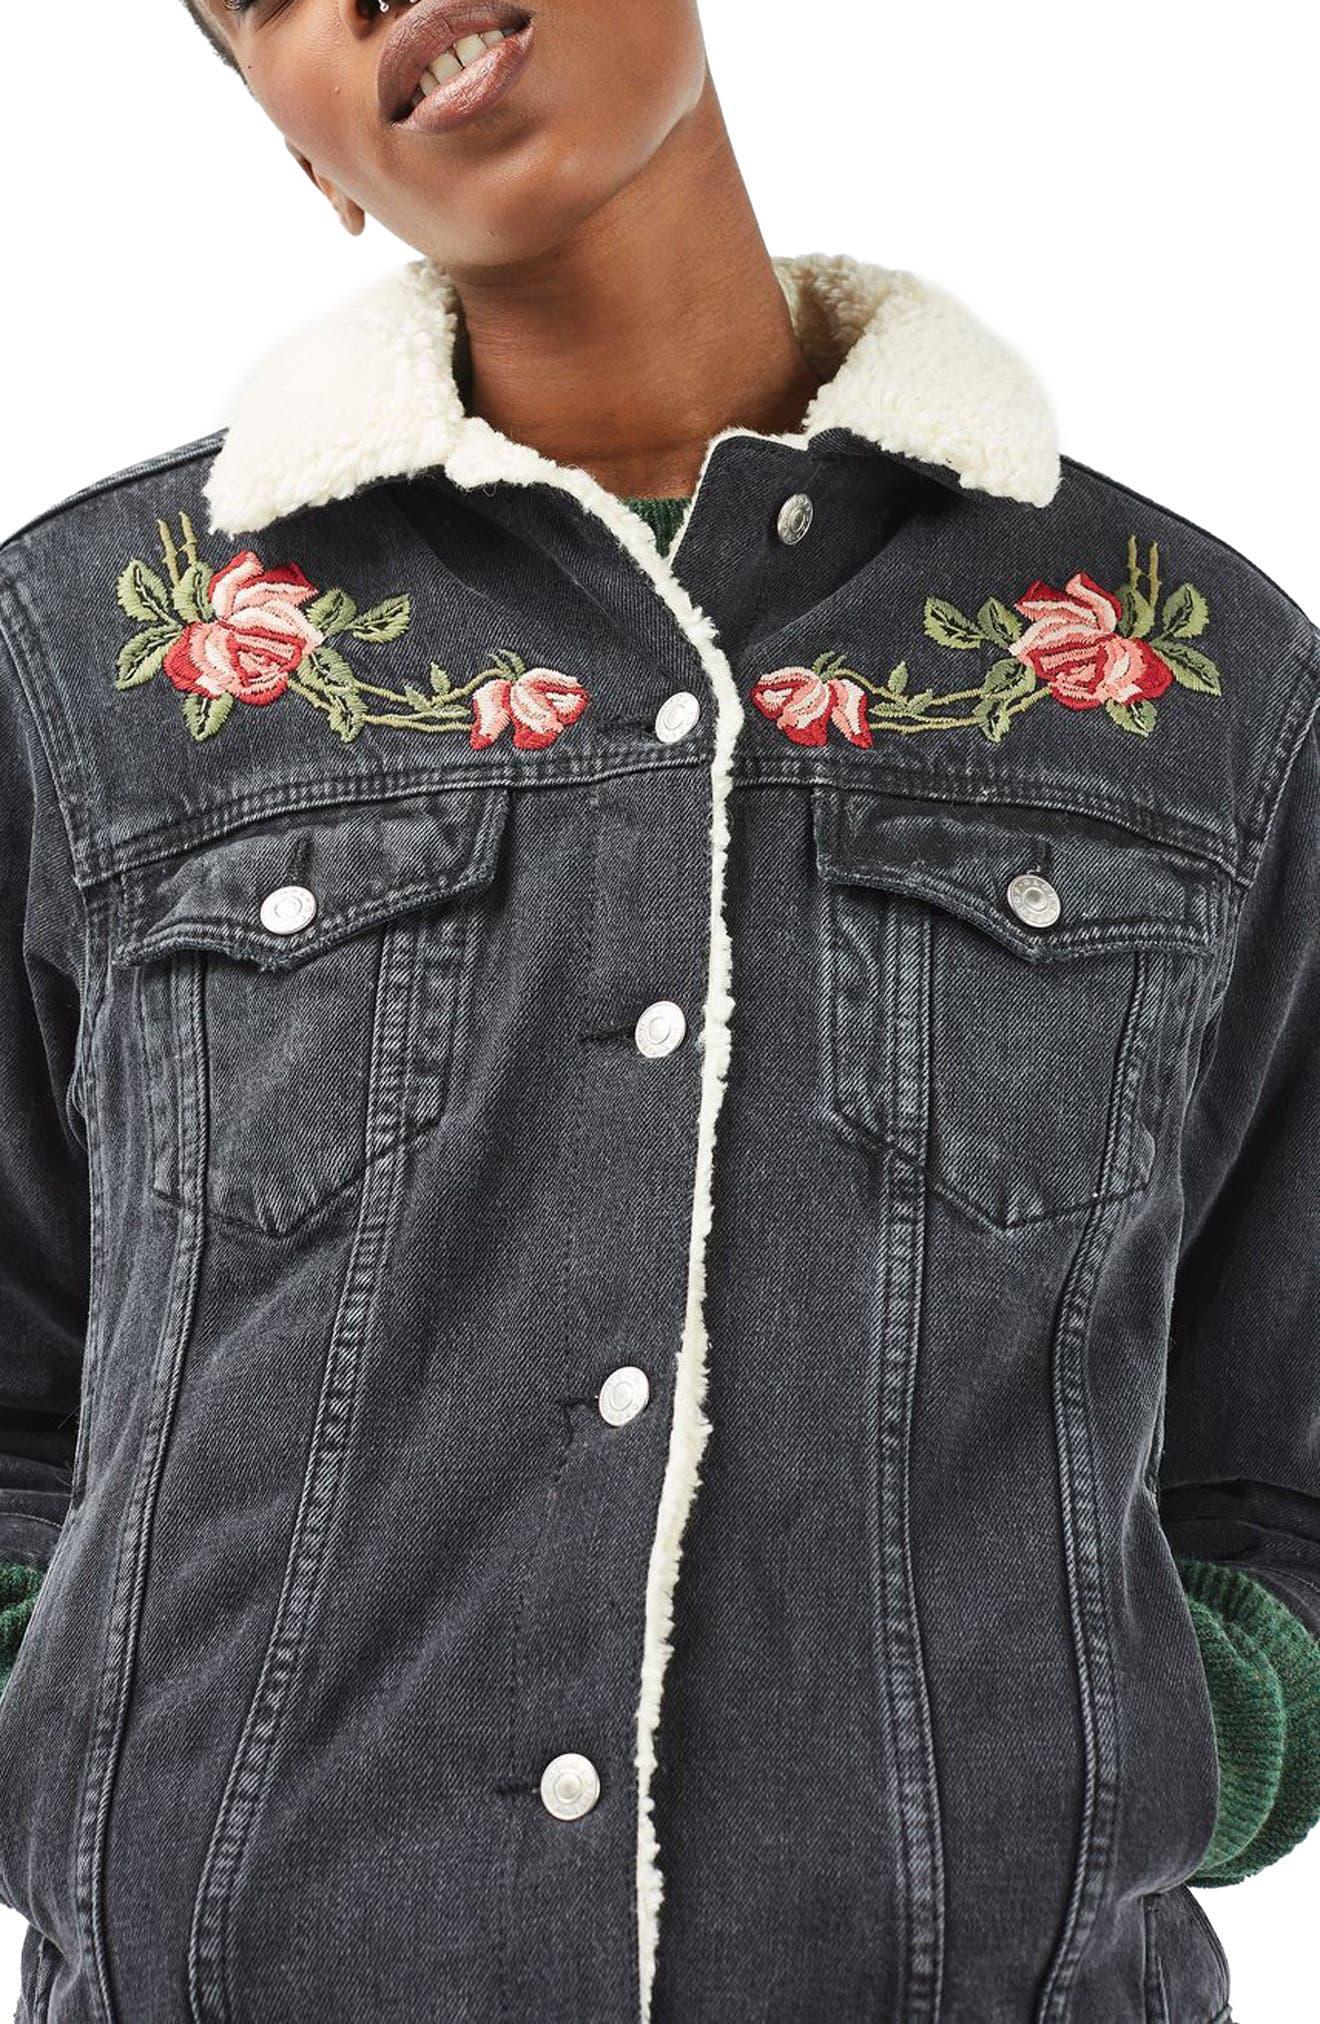 Alternate Image 1 Selected - Topshop Embroidered Borg Denim Jacket